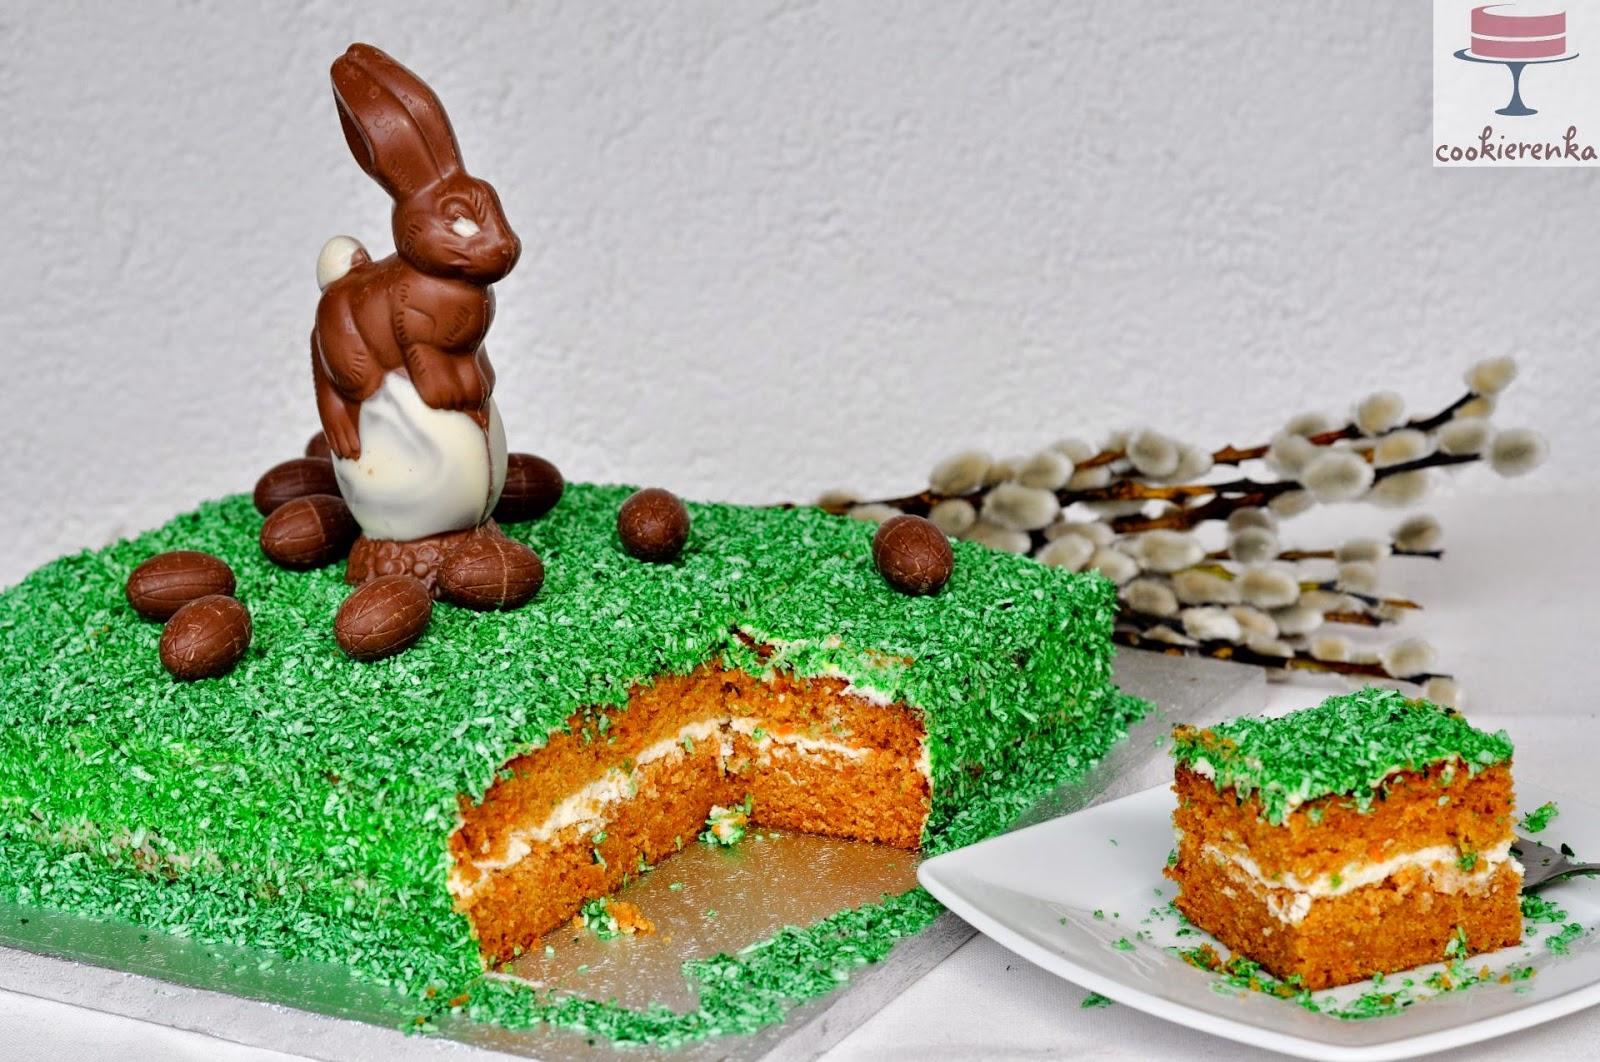 http://www.cookierenka.com/2014/04/wielknocne-ciasto-marchewkowe.html